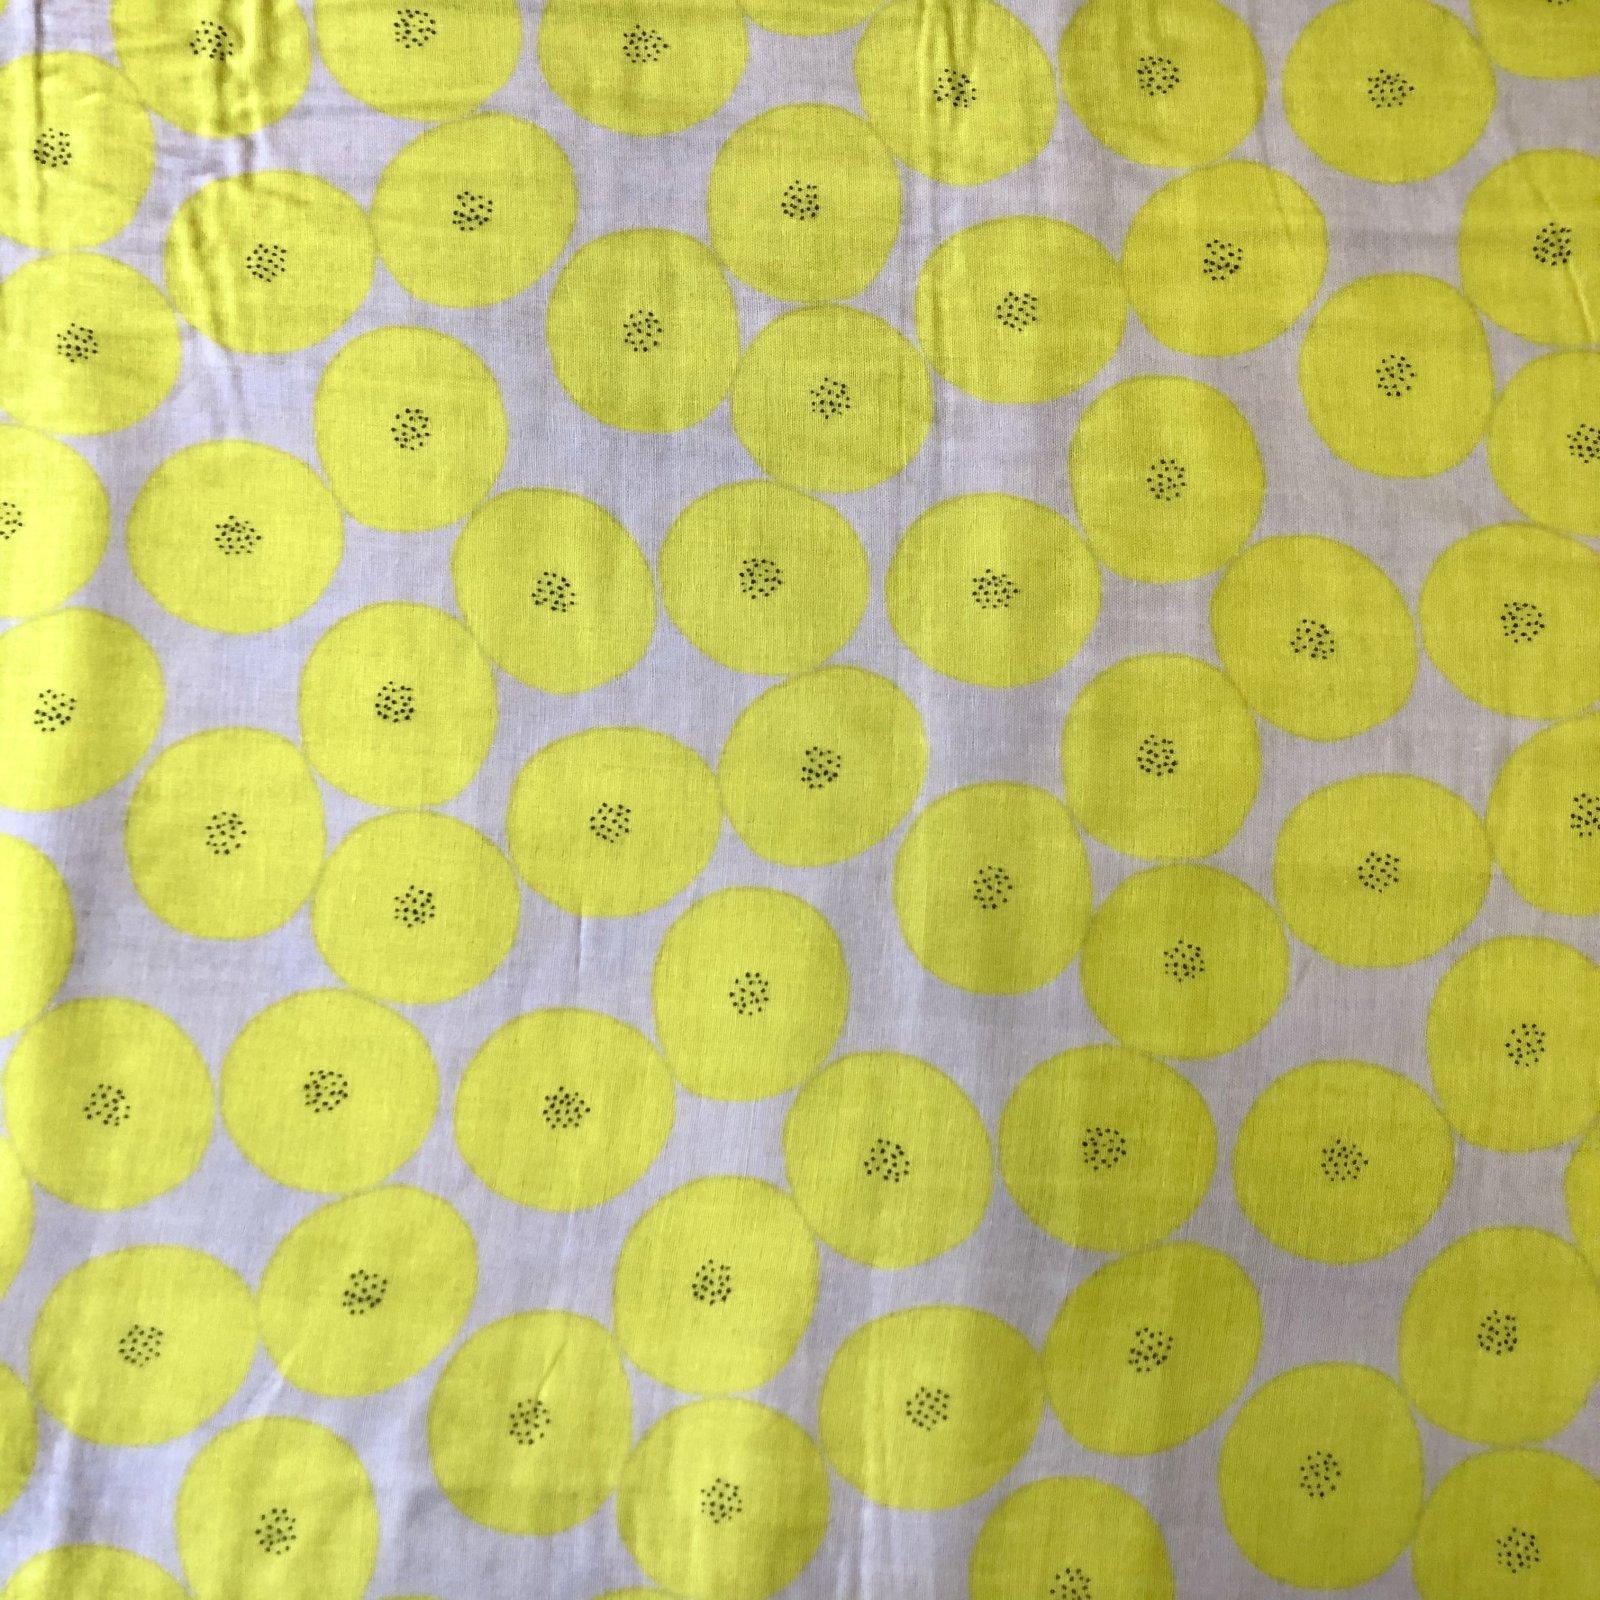 Tomotake Muddy Works - Mini Anpan (Yellow)